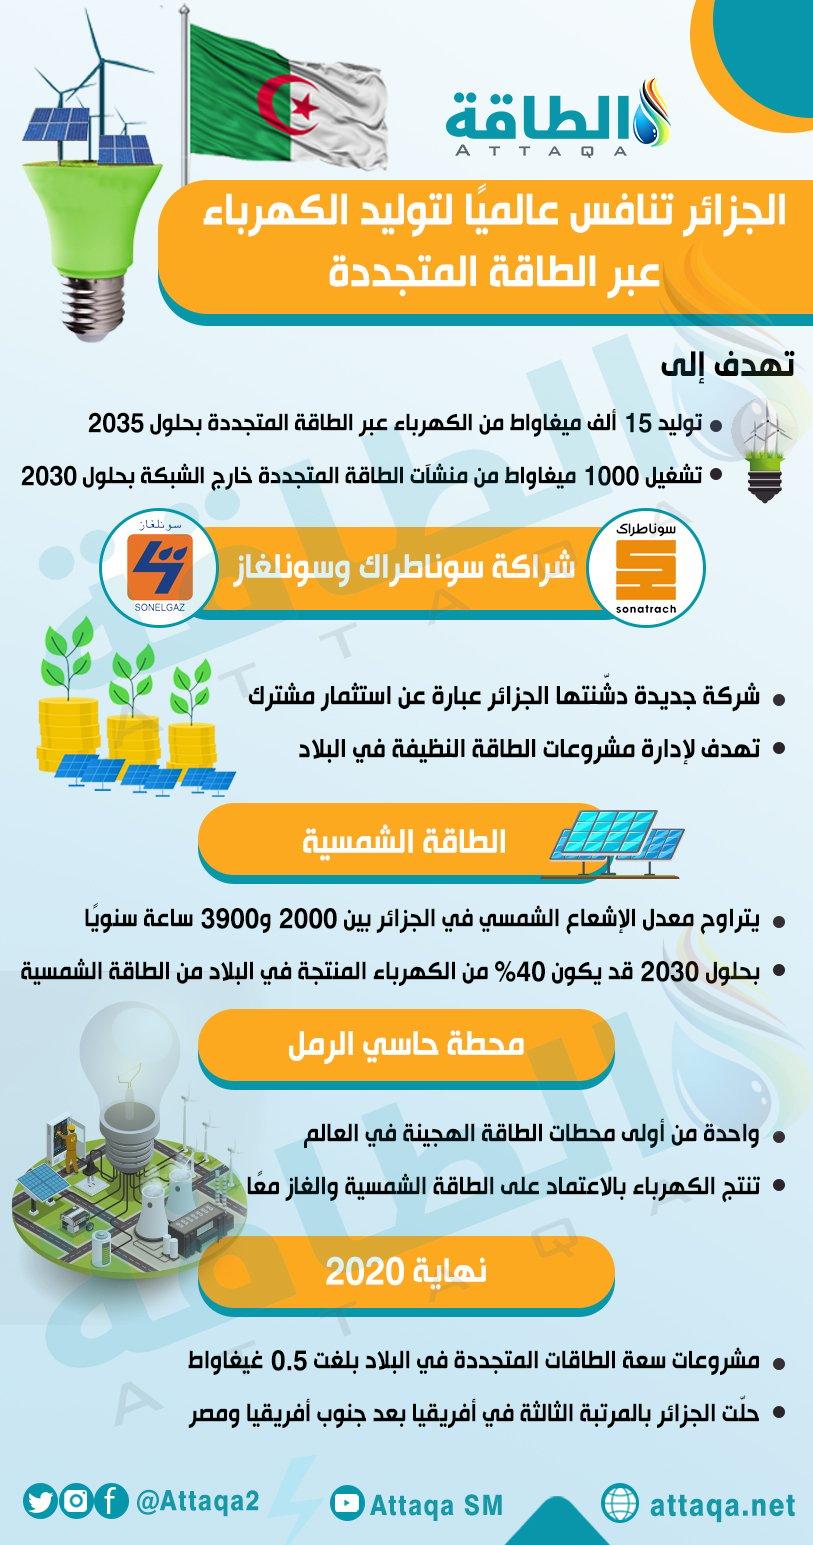 الغاز - الجزائر - الطاقة المتجددة